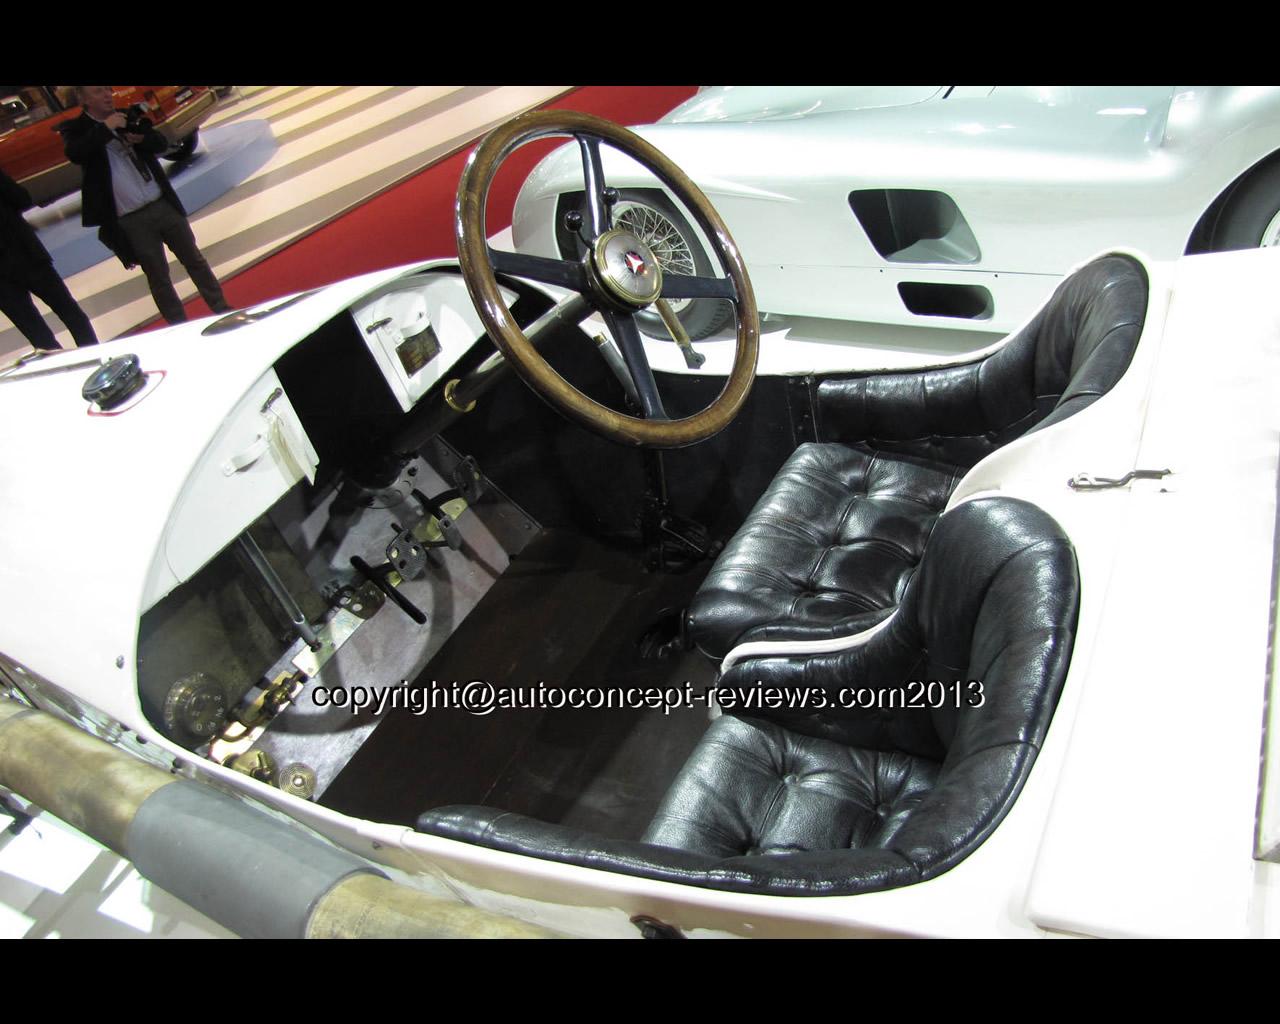 delage grand prix race car pictures. Black Bedroom Furniture Sets. Home Design Ideas